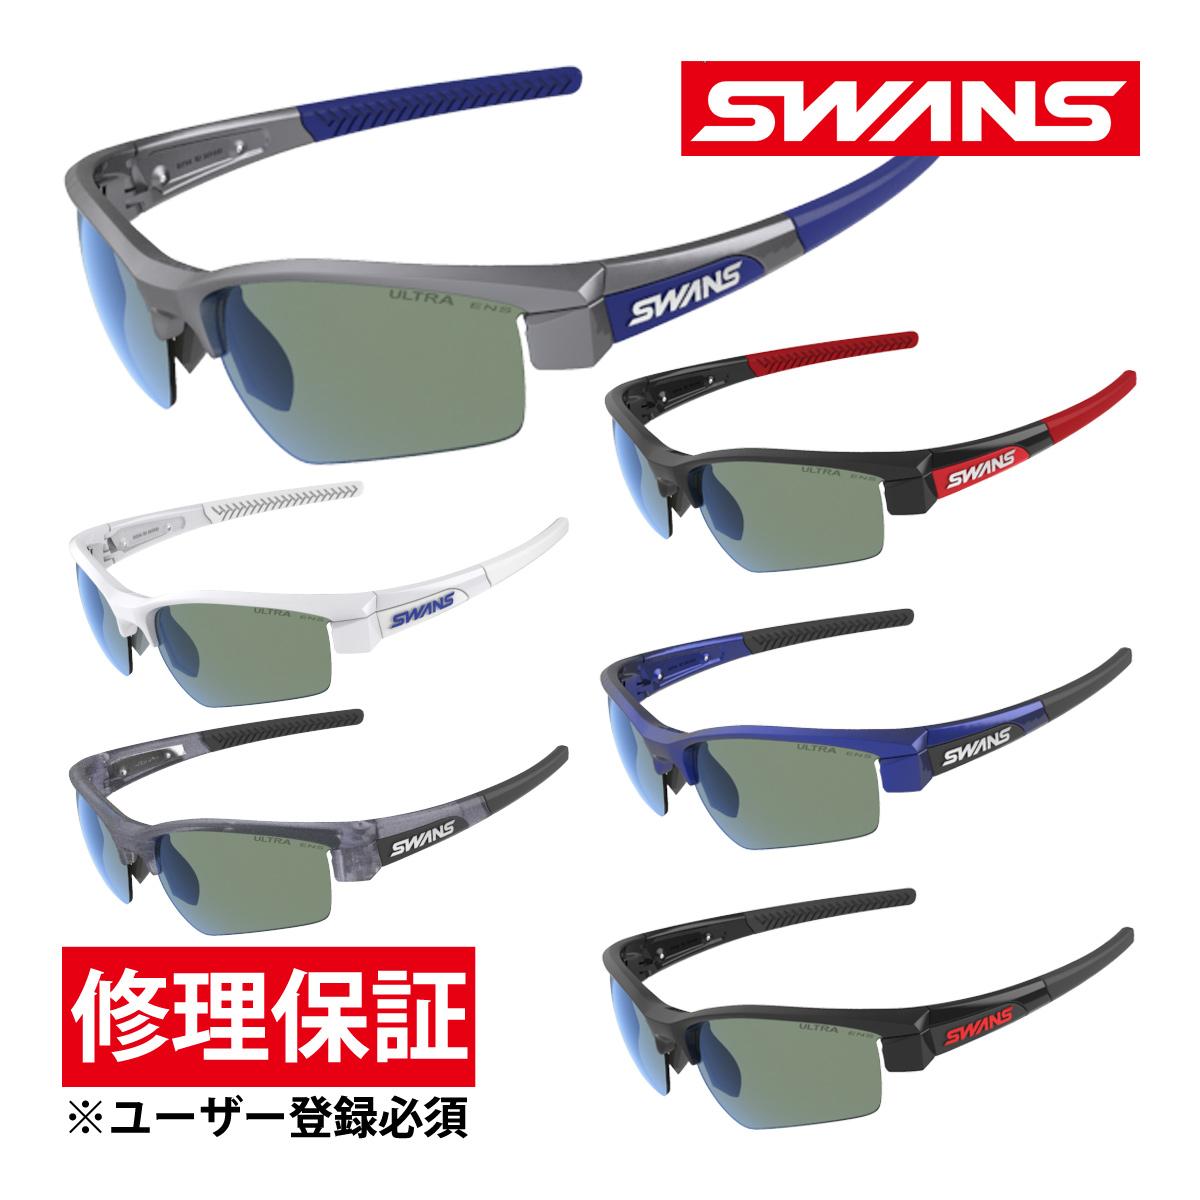 サングラス 偏光レンズ ウルトラレンズ 両面マルチ メンズ レディース ドライブ 釣り ゴルフ スポーツ LION SIN フレーム+L-LI SIN-0168 PLGRN おすすめ 人気 SWANS スワンズ